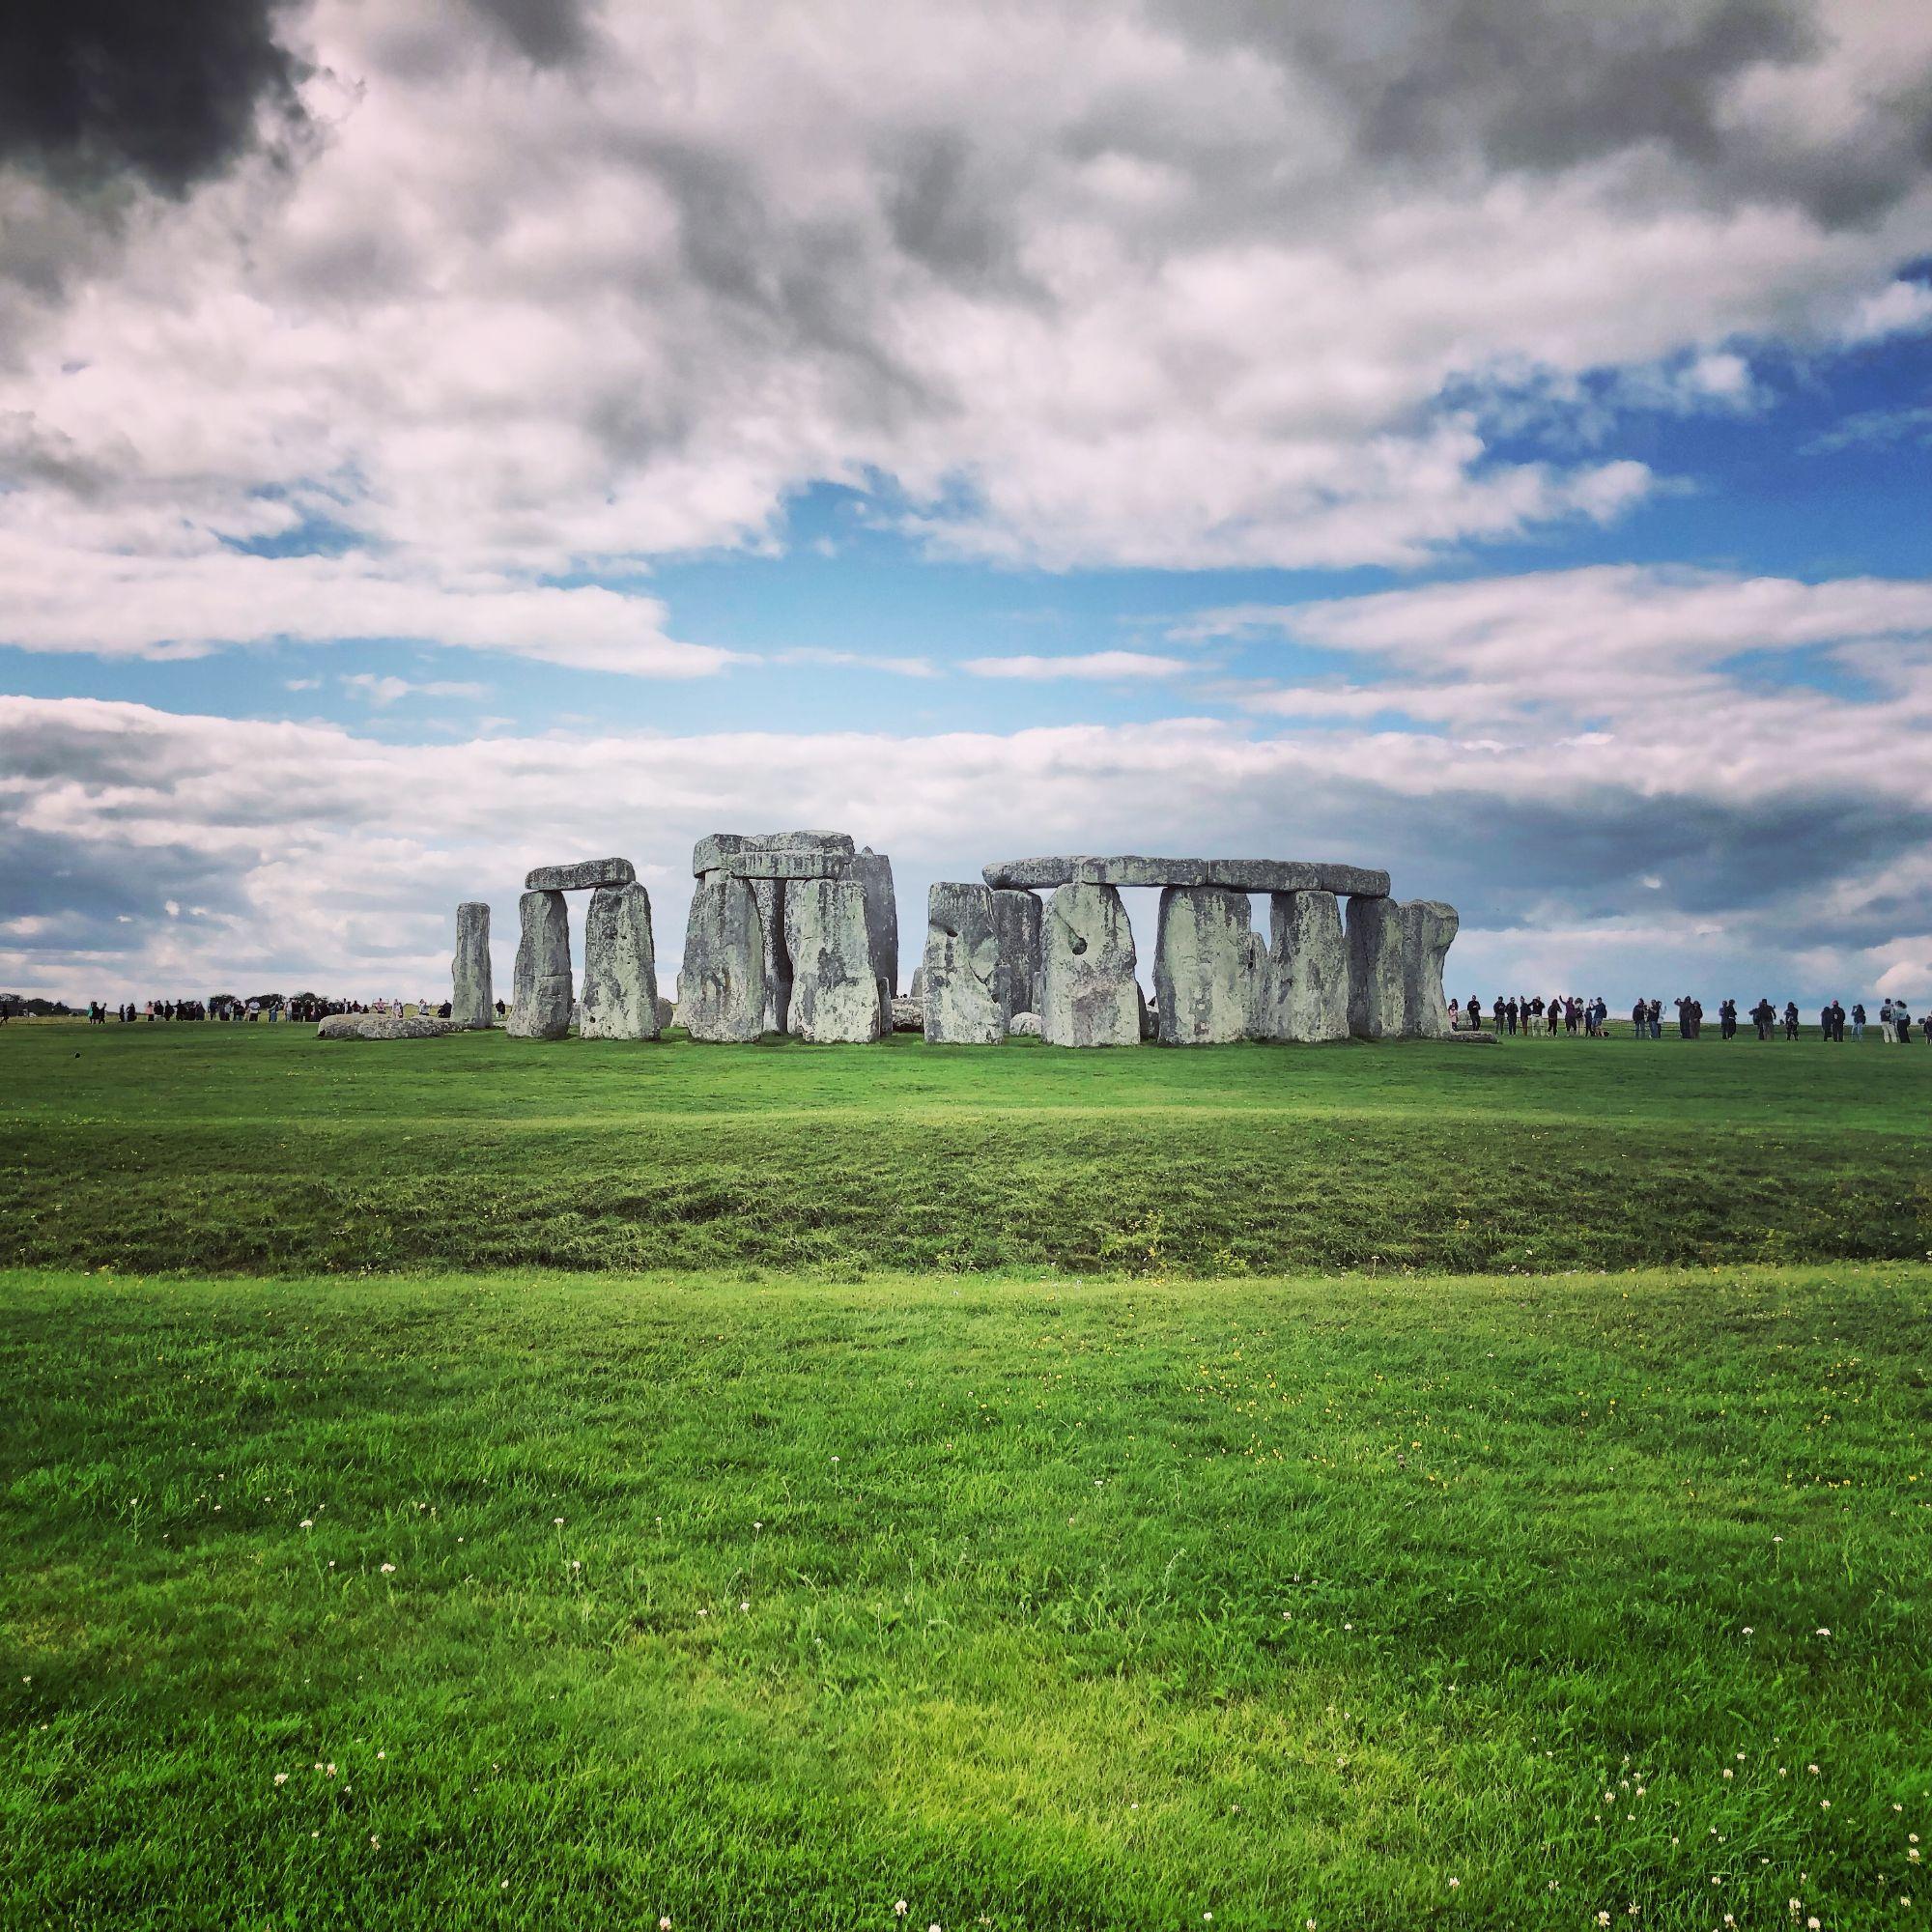 Free stock photo Stonehenge UK